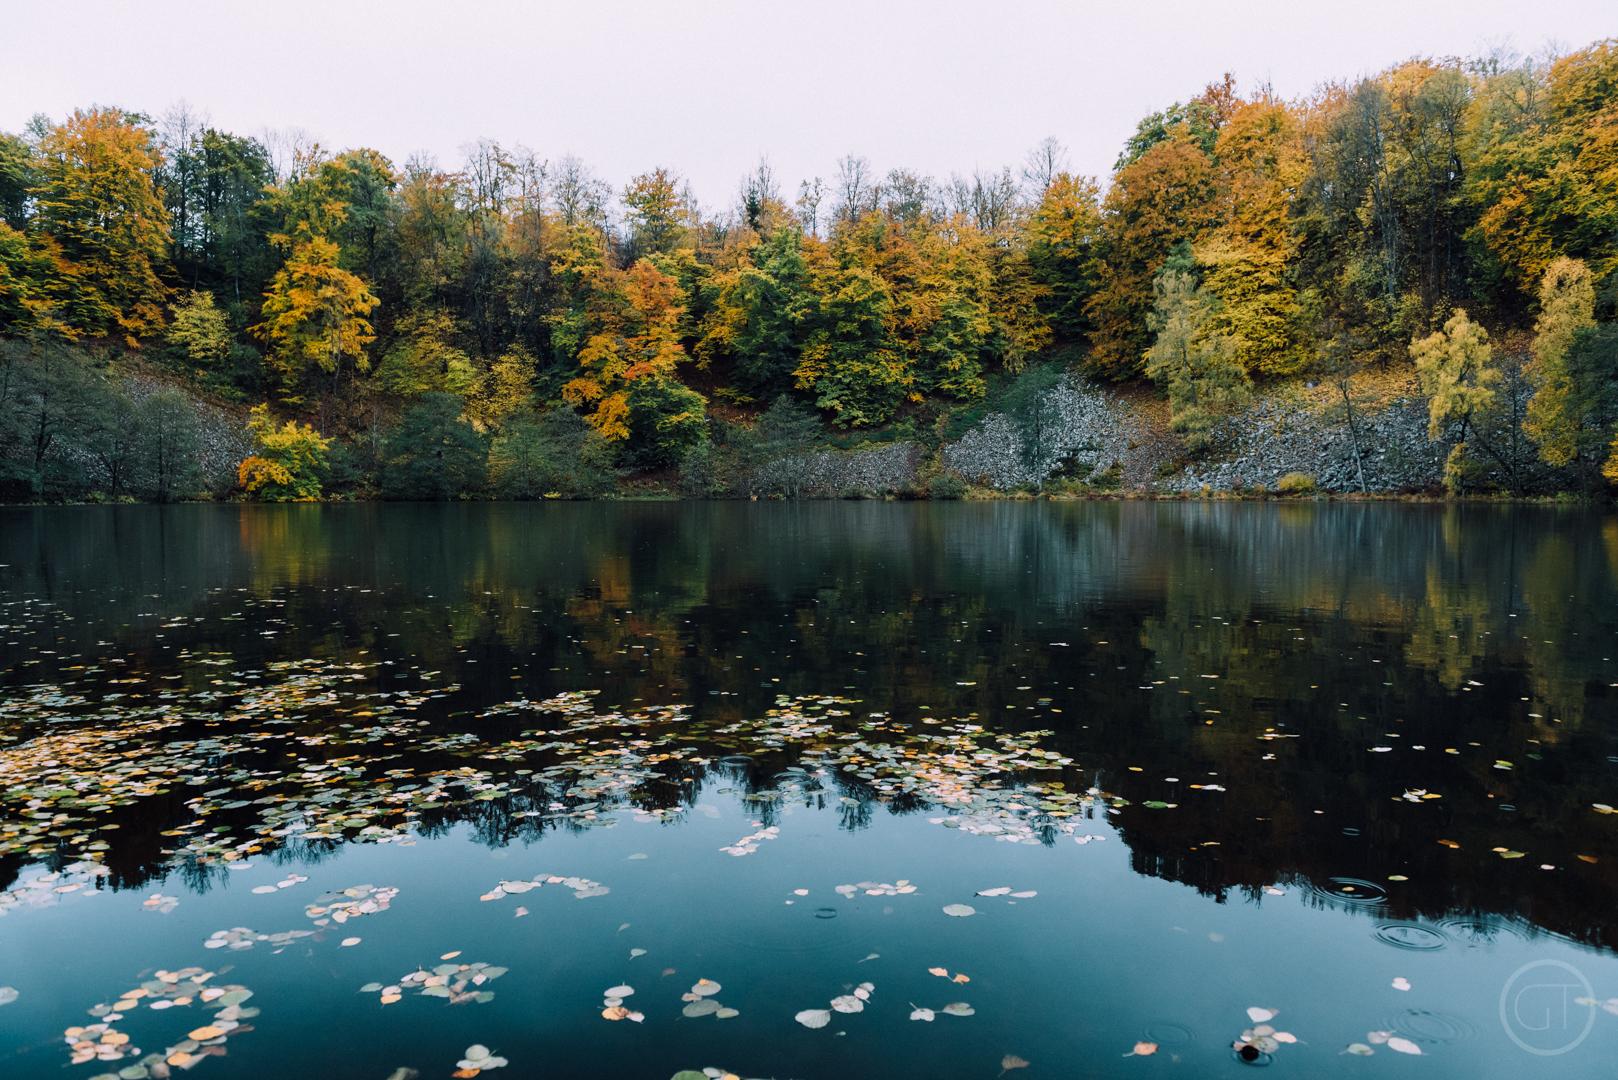 GUSTAV-THUESEN-adventure-denmark-photographer-nature-landscape-KØBENHAVN-FOTOGRAF-lifestyle-8.jpg